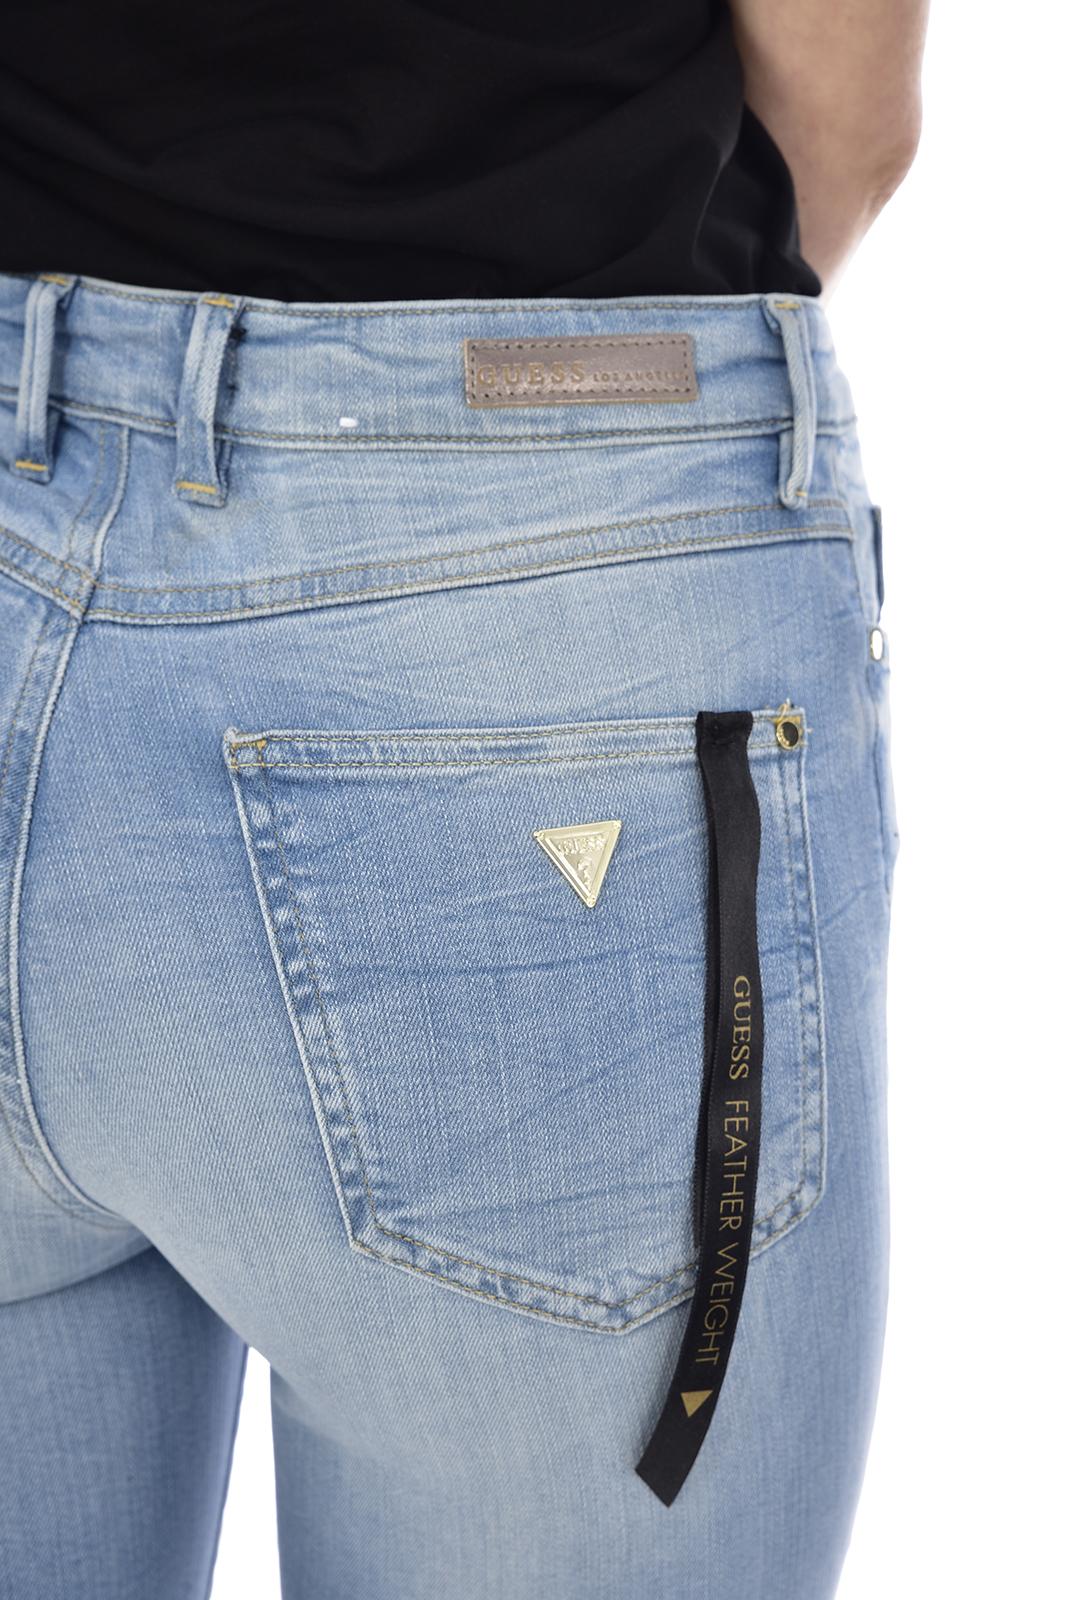 FEMME  Guess jeans W92A56 D32J3 1981 BLFH